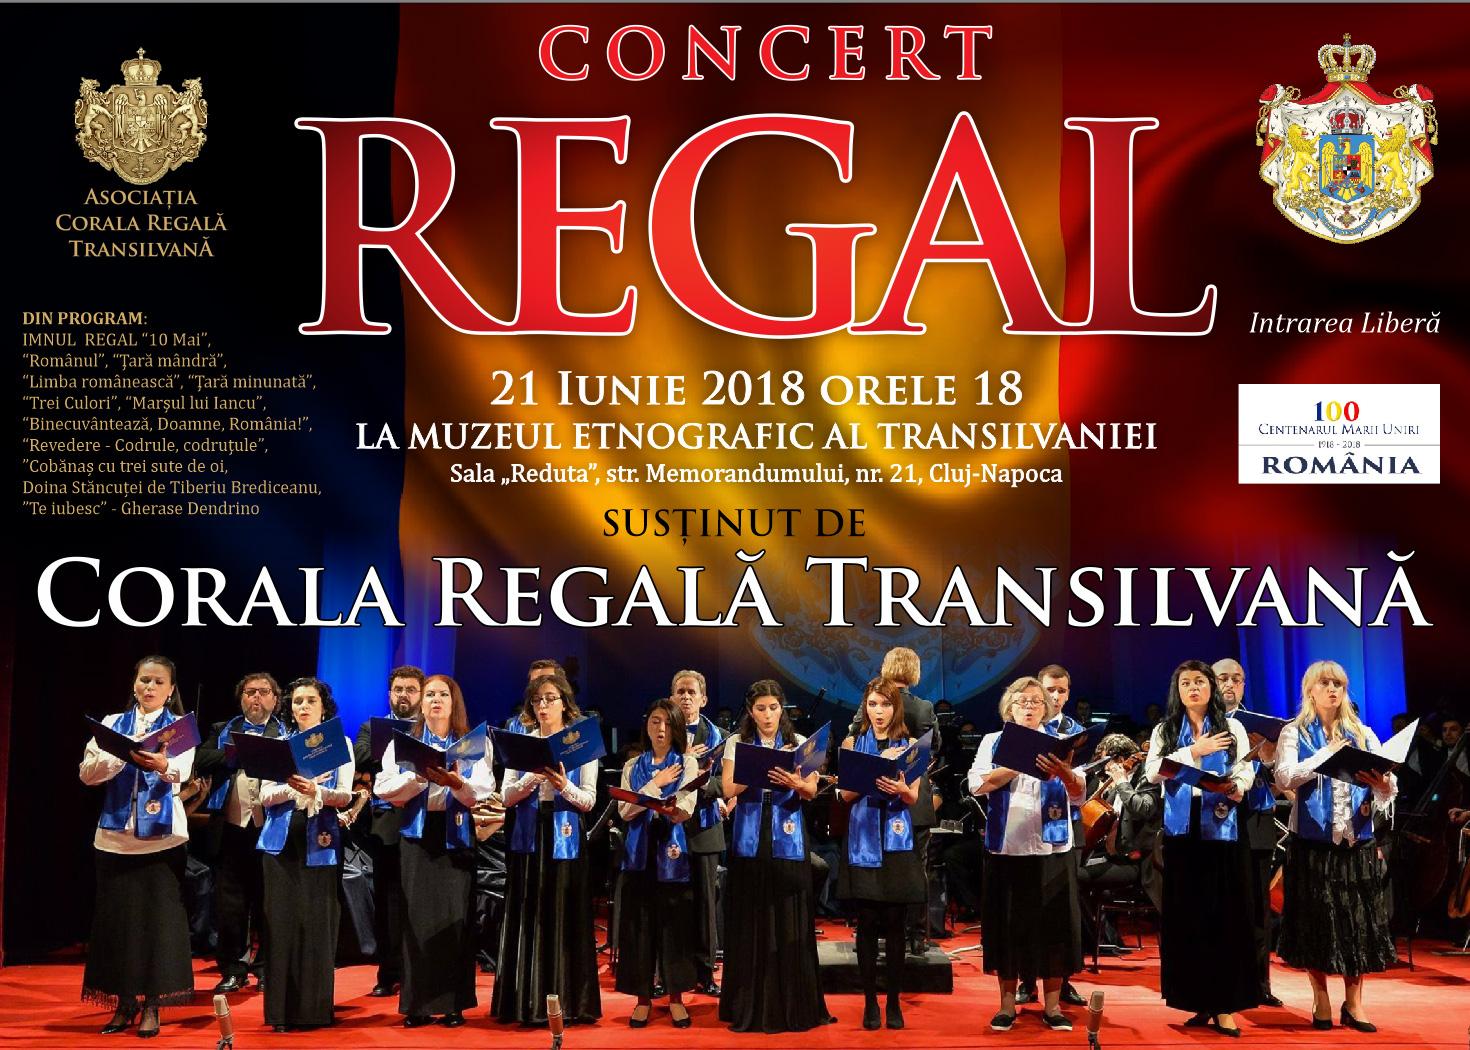 Corala Regală Transilvana